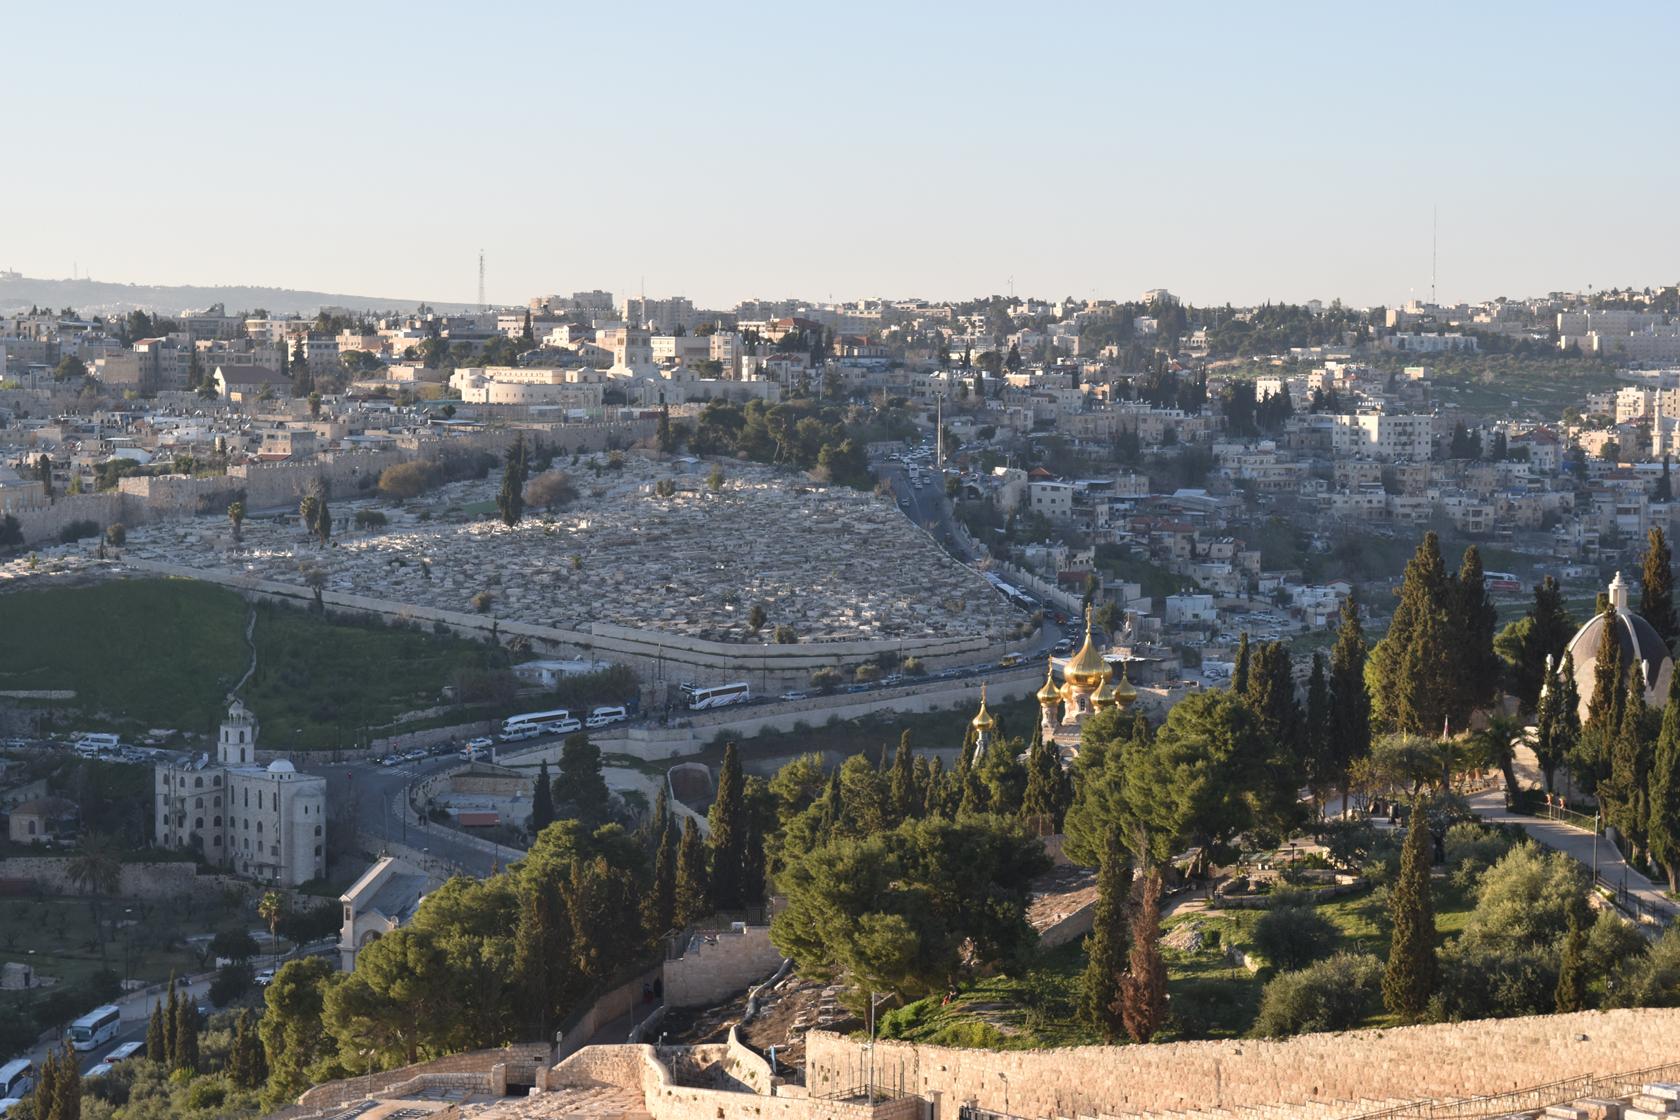 이스라엘 여행 - 예루살렘 올드시티에서 겟세마네까지